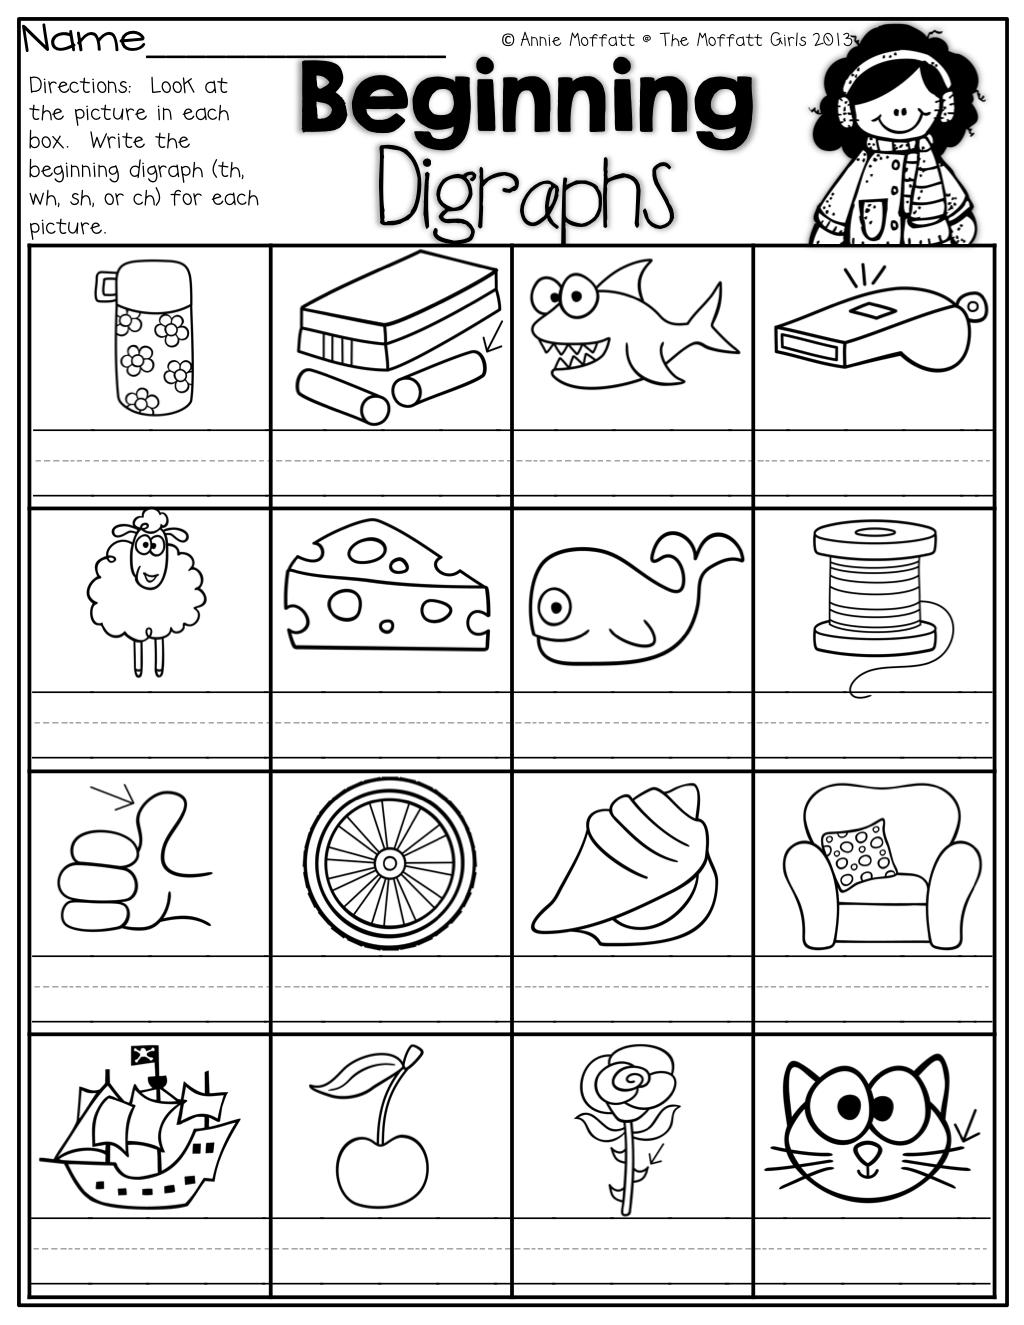 Digraphs worksheets for kindergarten